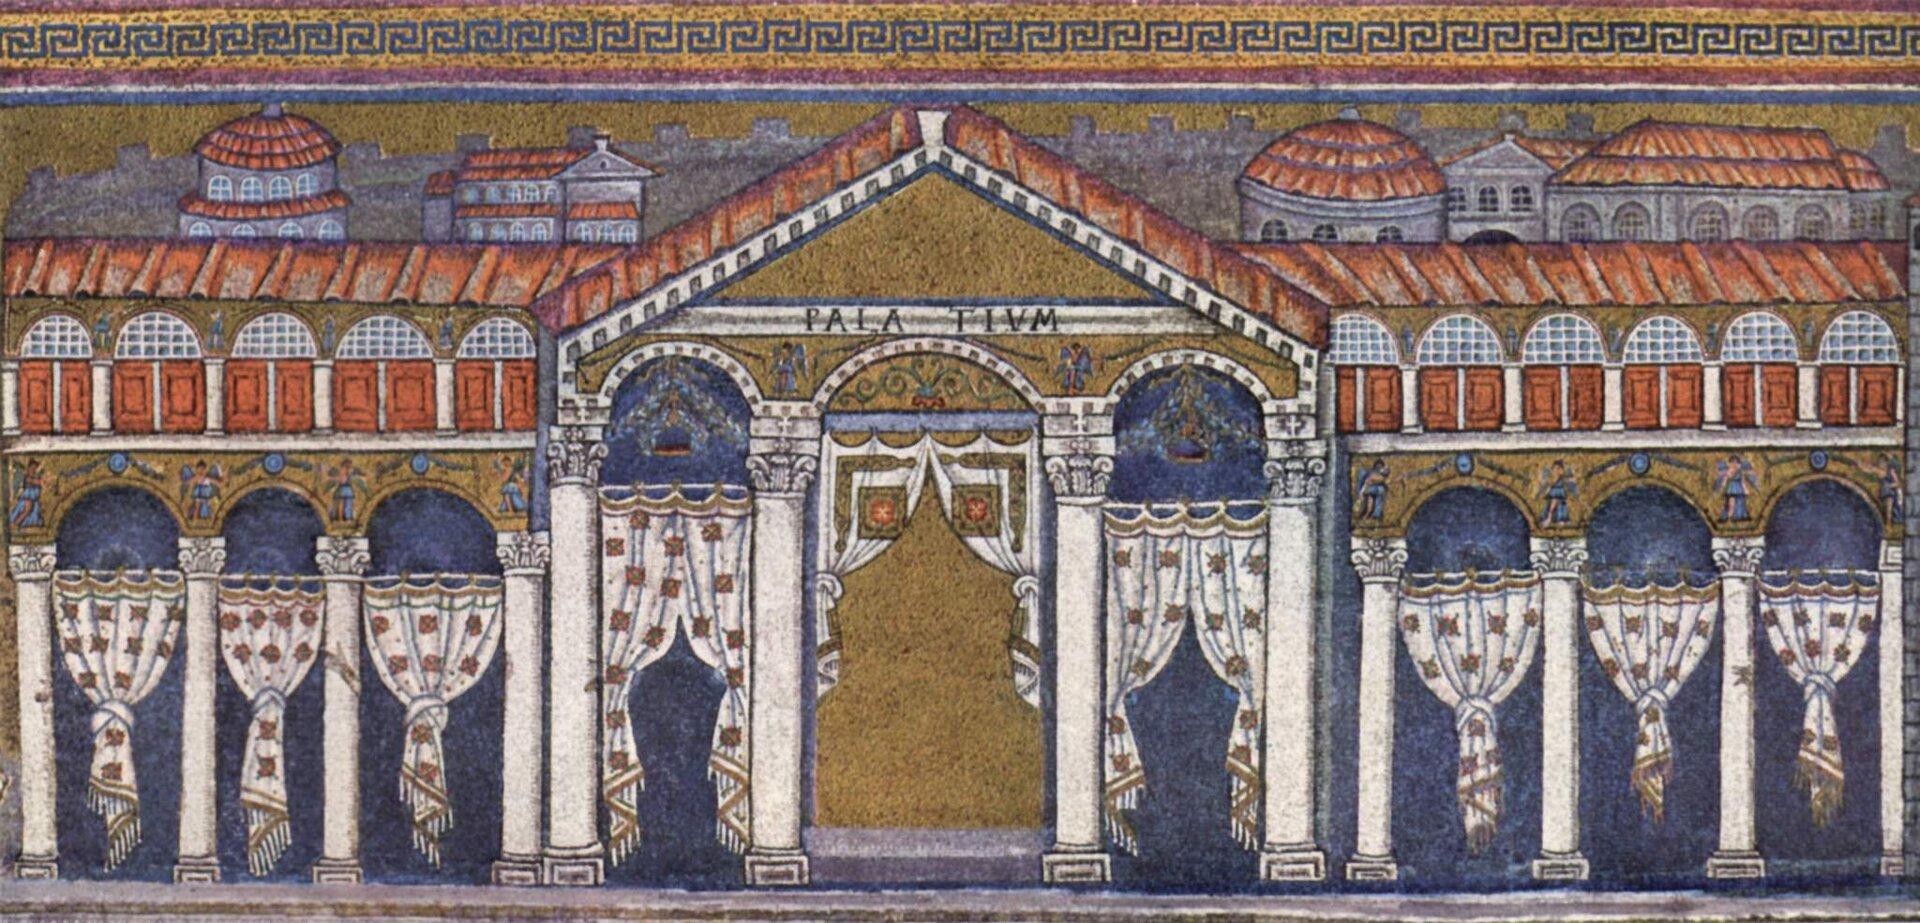 Pałac Teodoryka Wielkiego wRawennie. Mozaika zkatedry